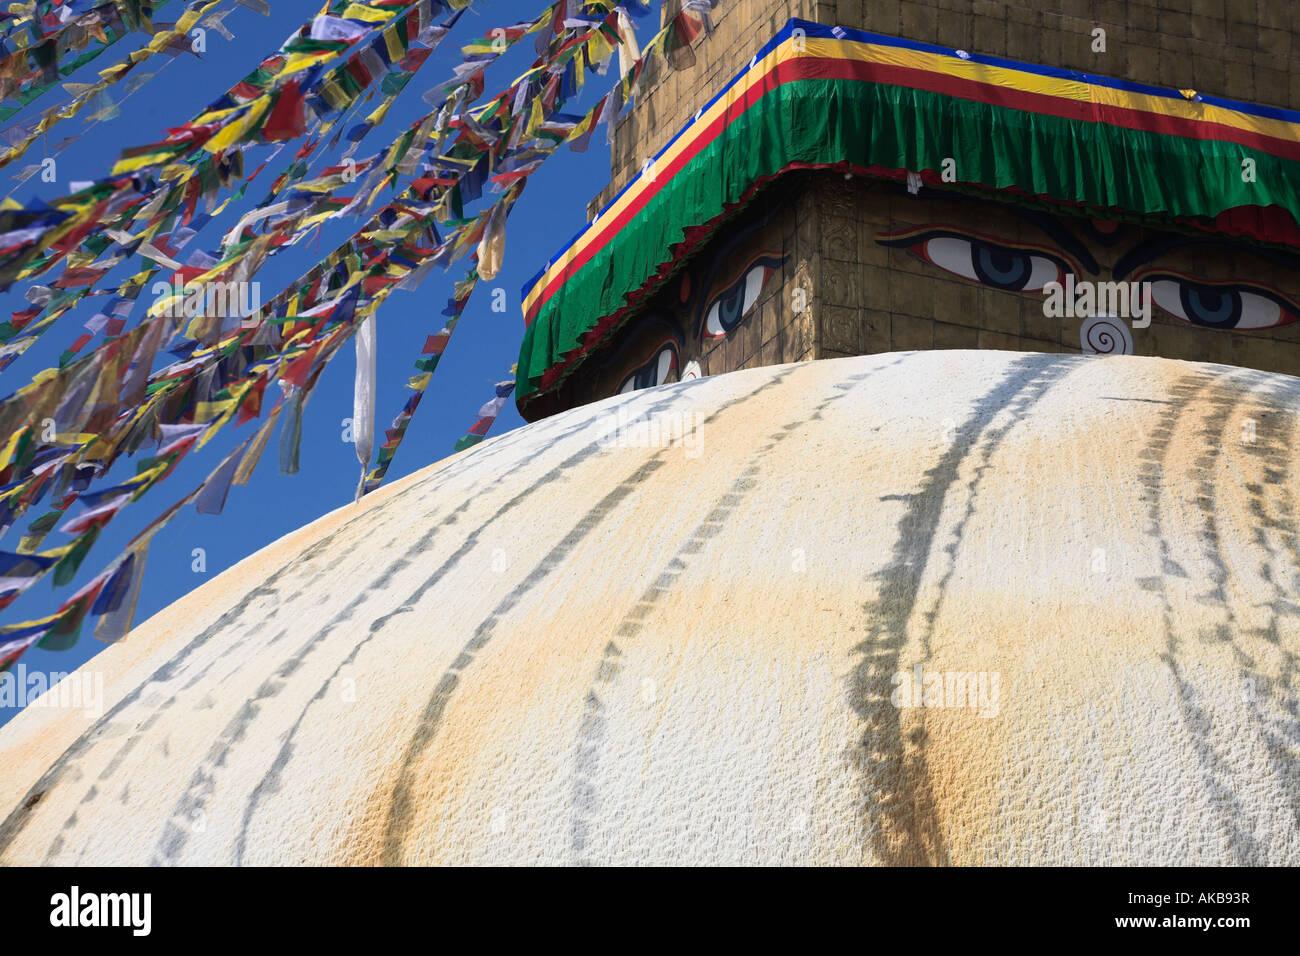 Nepal, Kathmandu, Bodhnath Buddhist stupa, Lhosar Tibetan and Sherpa New Year festival - Stock Image